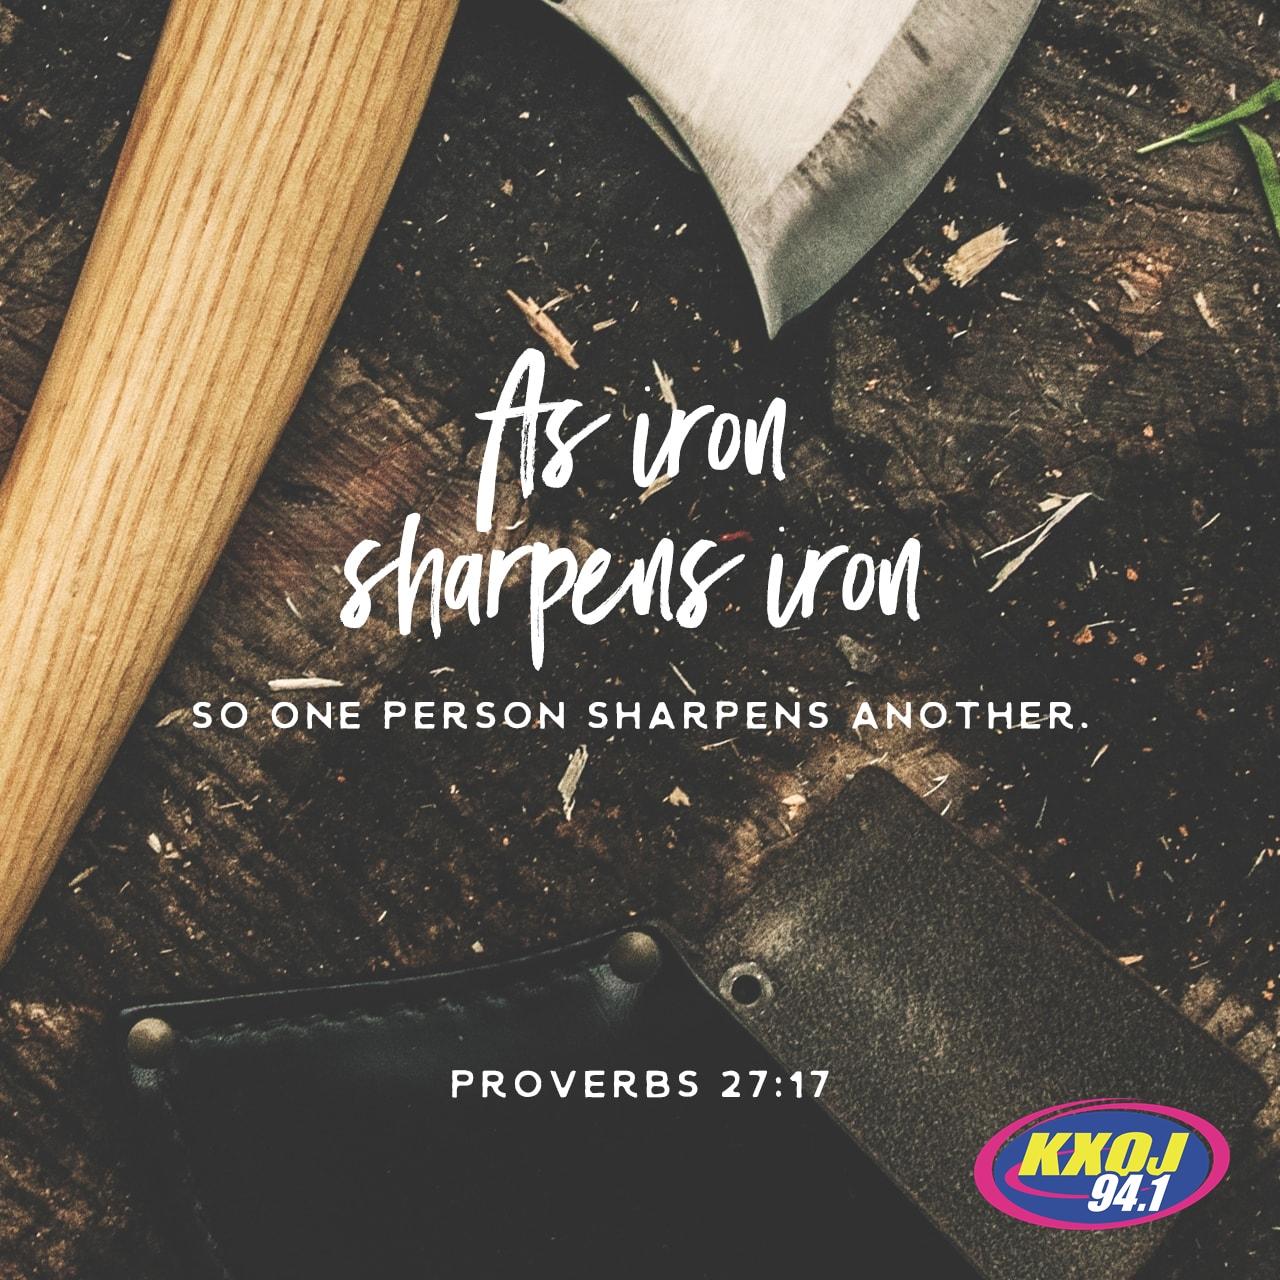 April 3rd - Proverbs 27:17